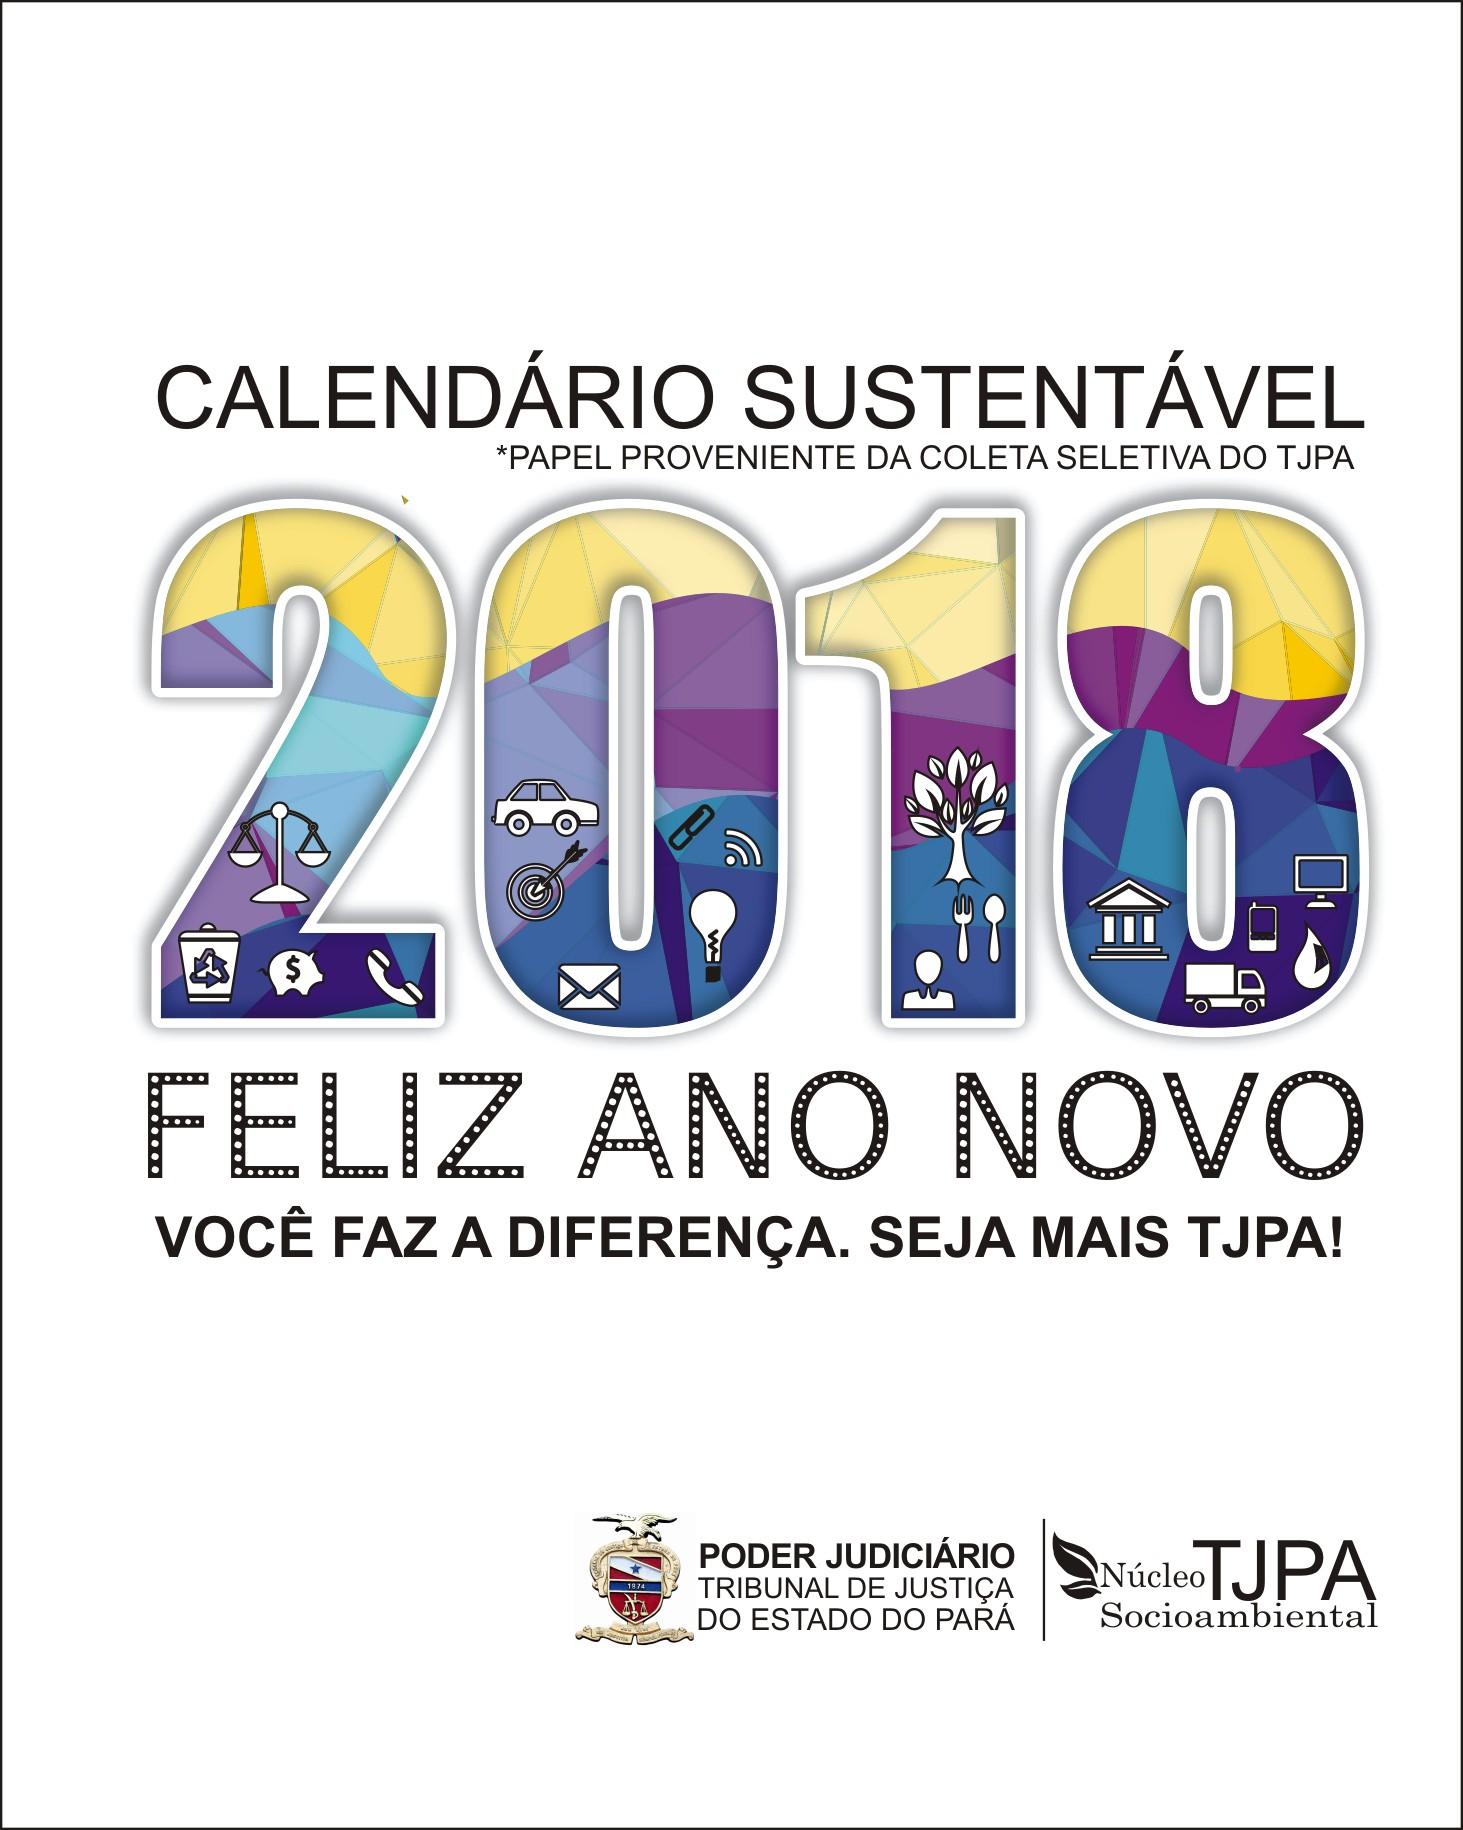 TJPA Nºcleo Socioambiental Calendário Sustentável TJPA 2018